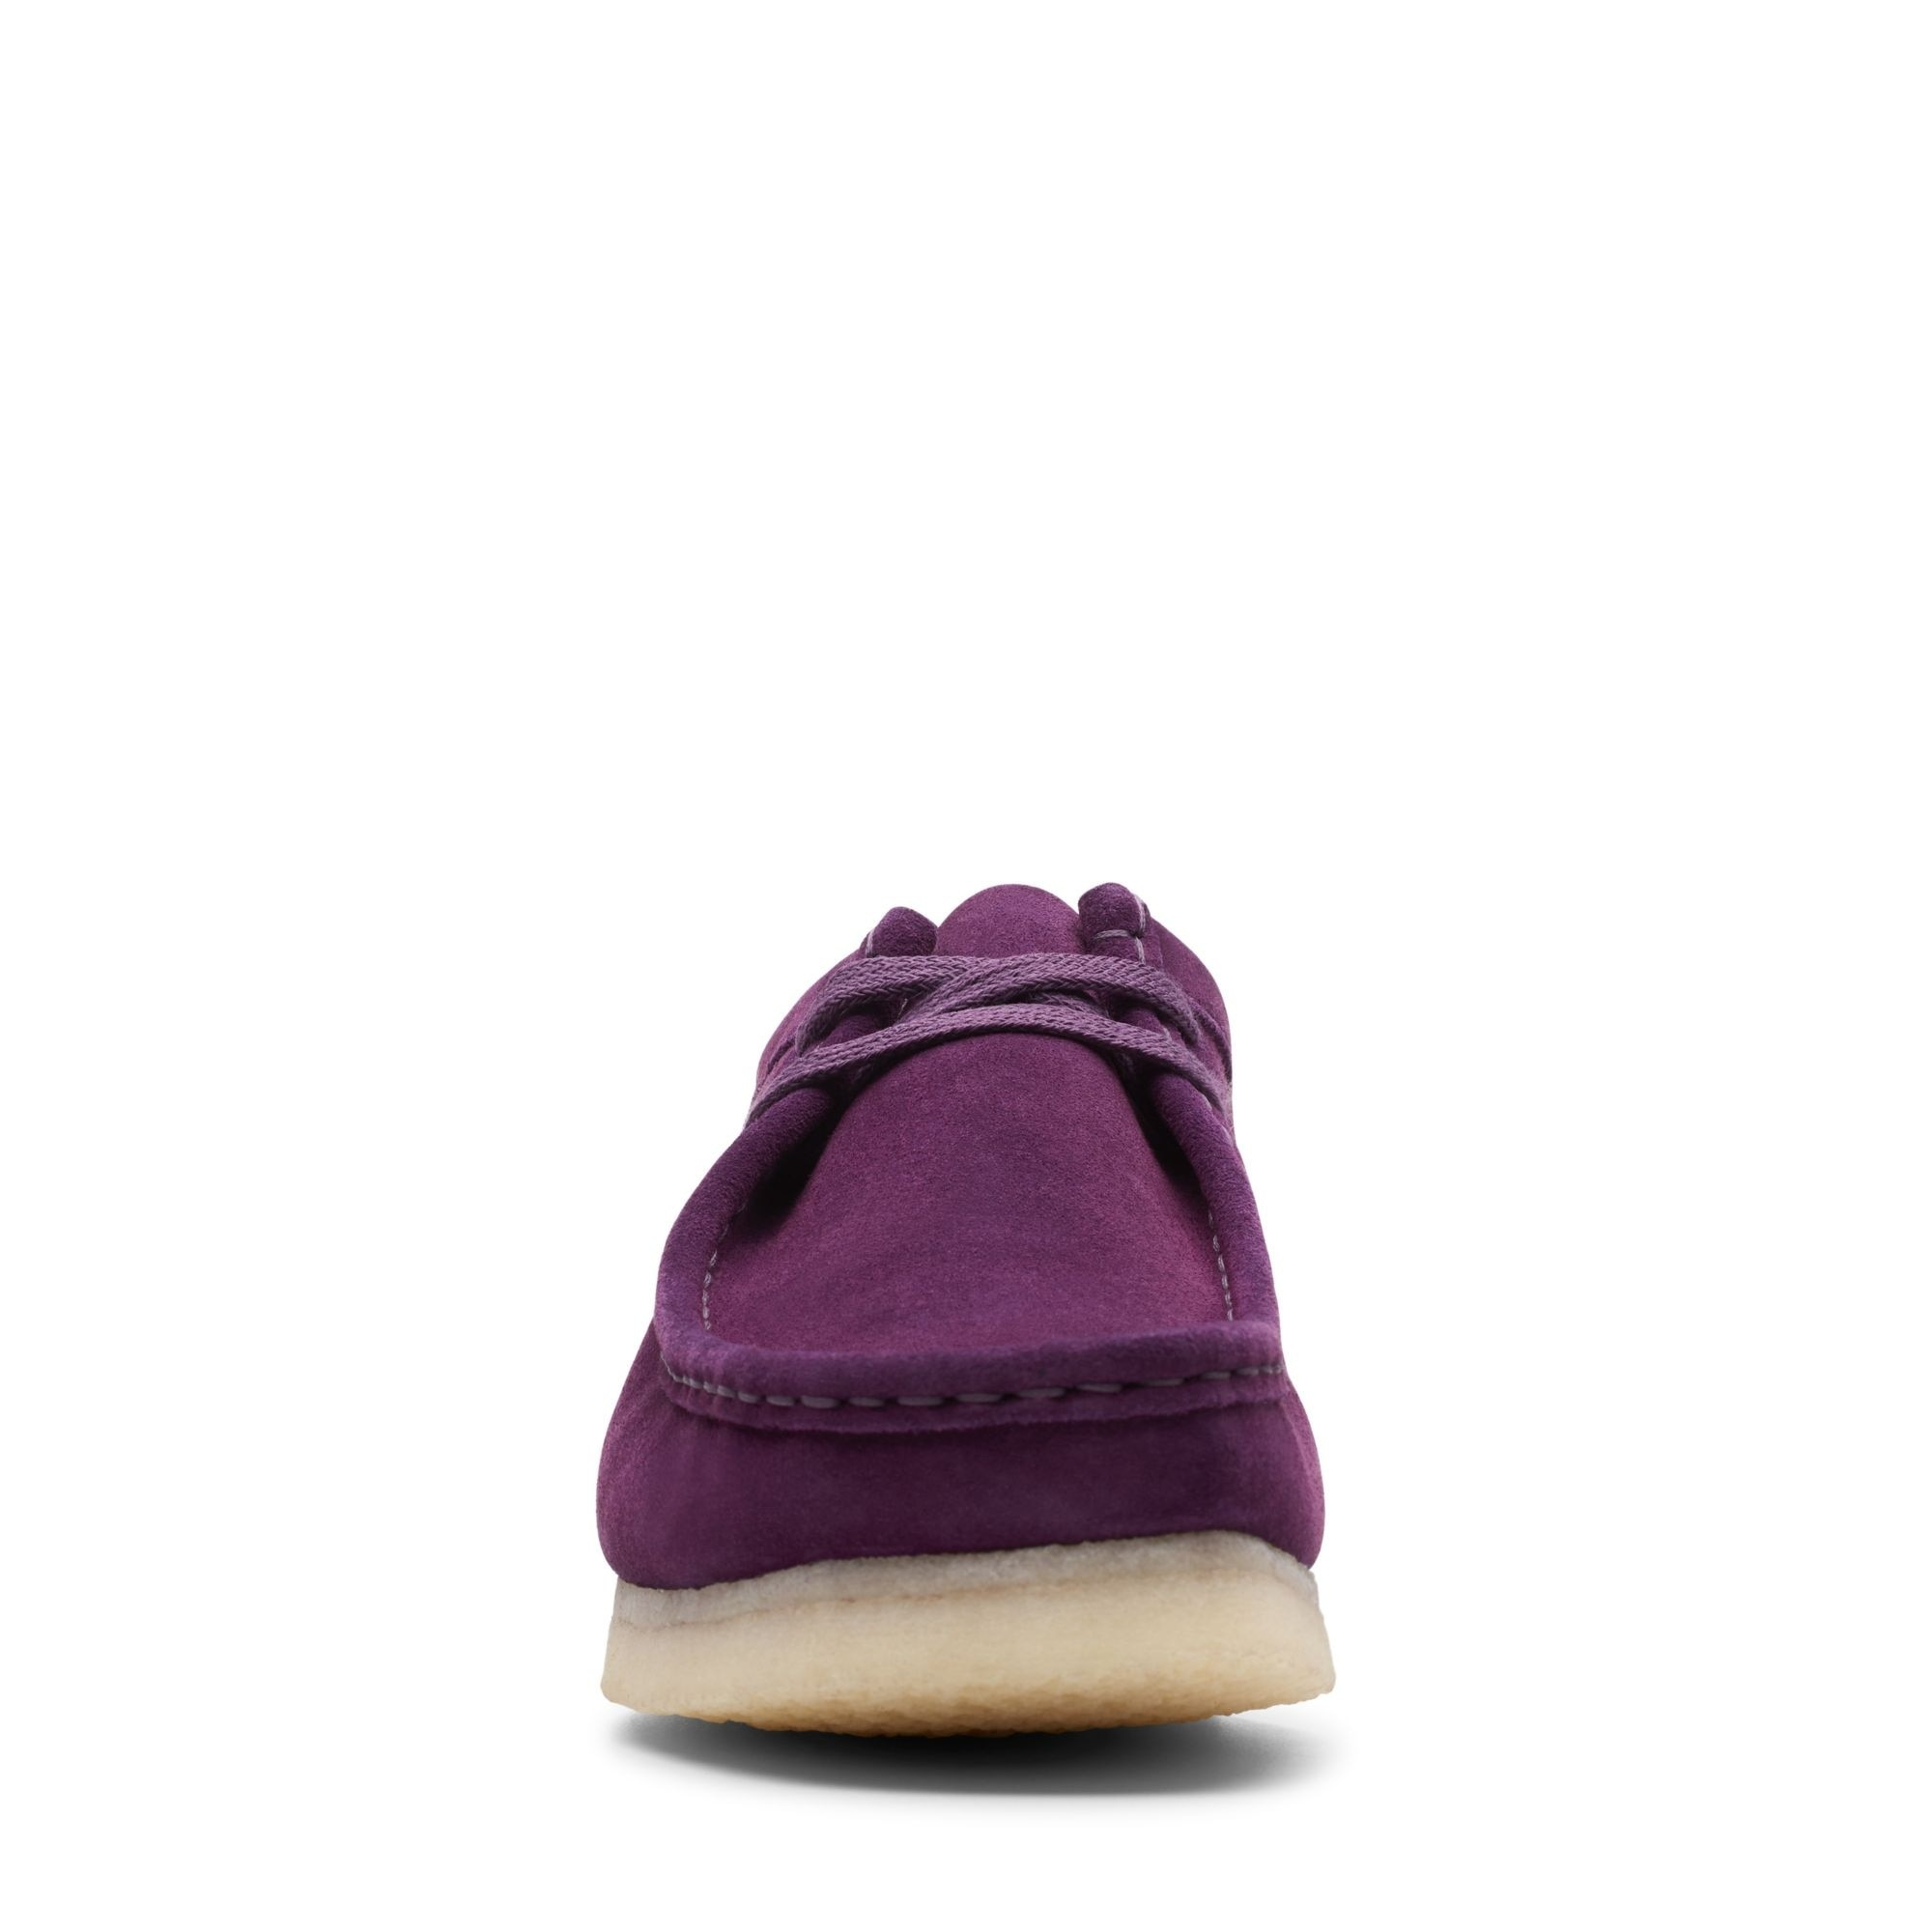 Clarks Suede Wallabee Shoe